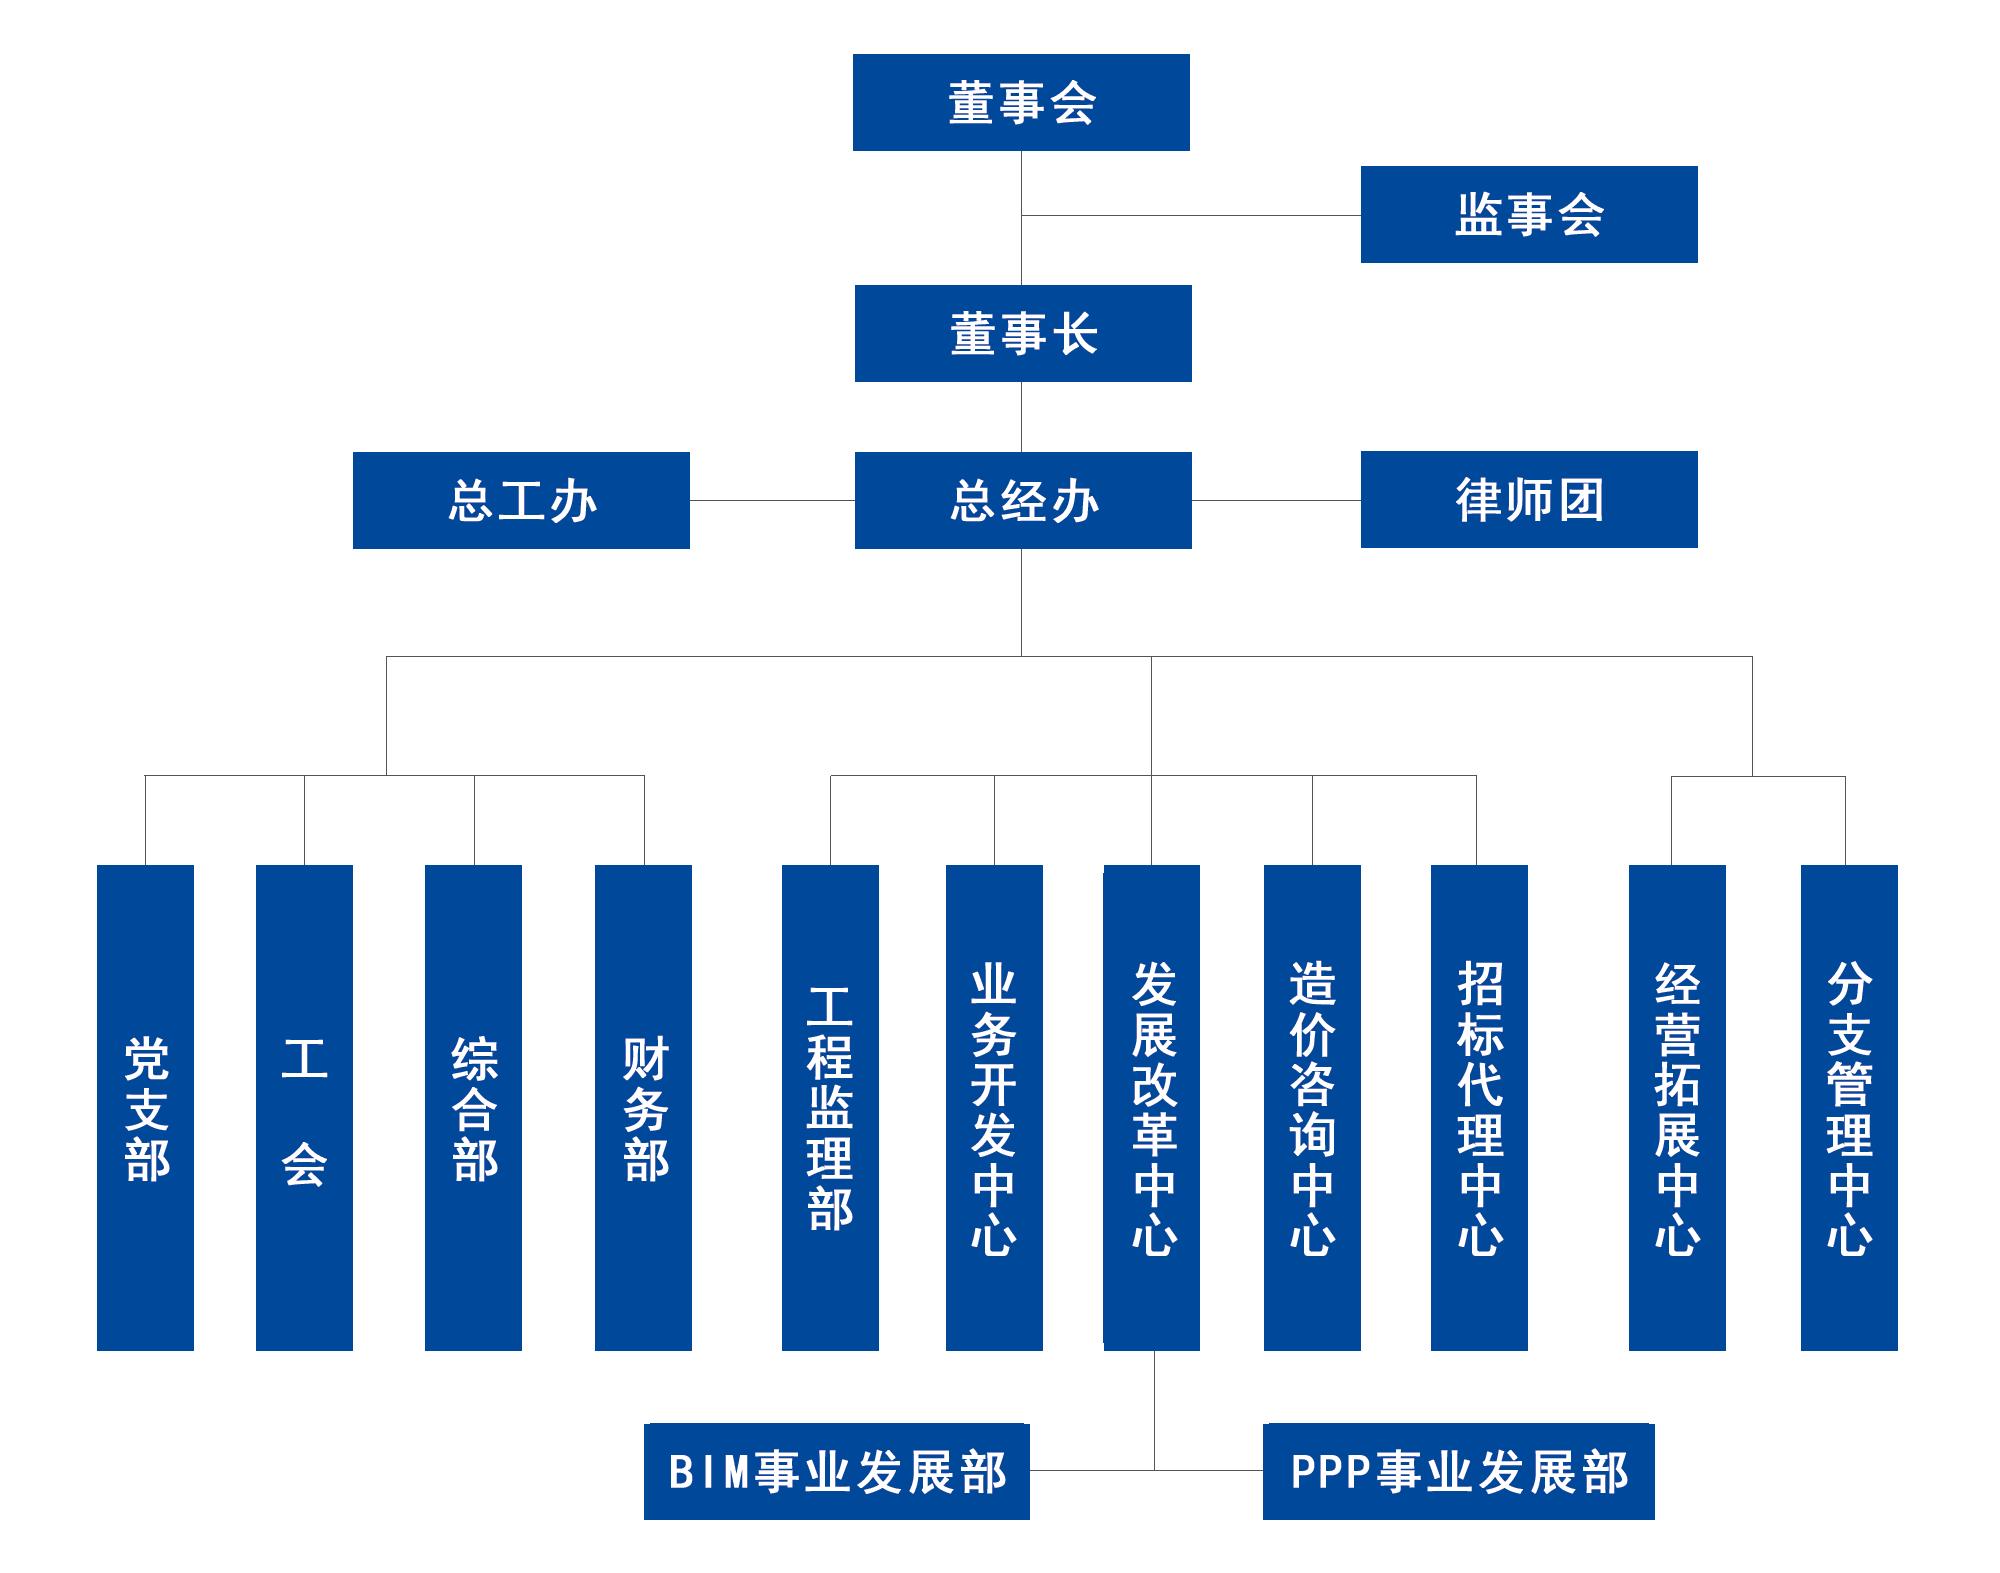 亿诚公司组织架构